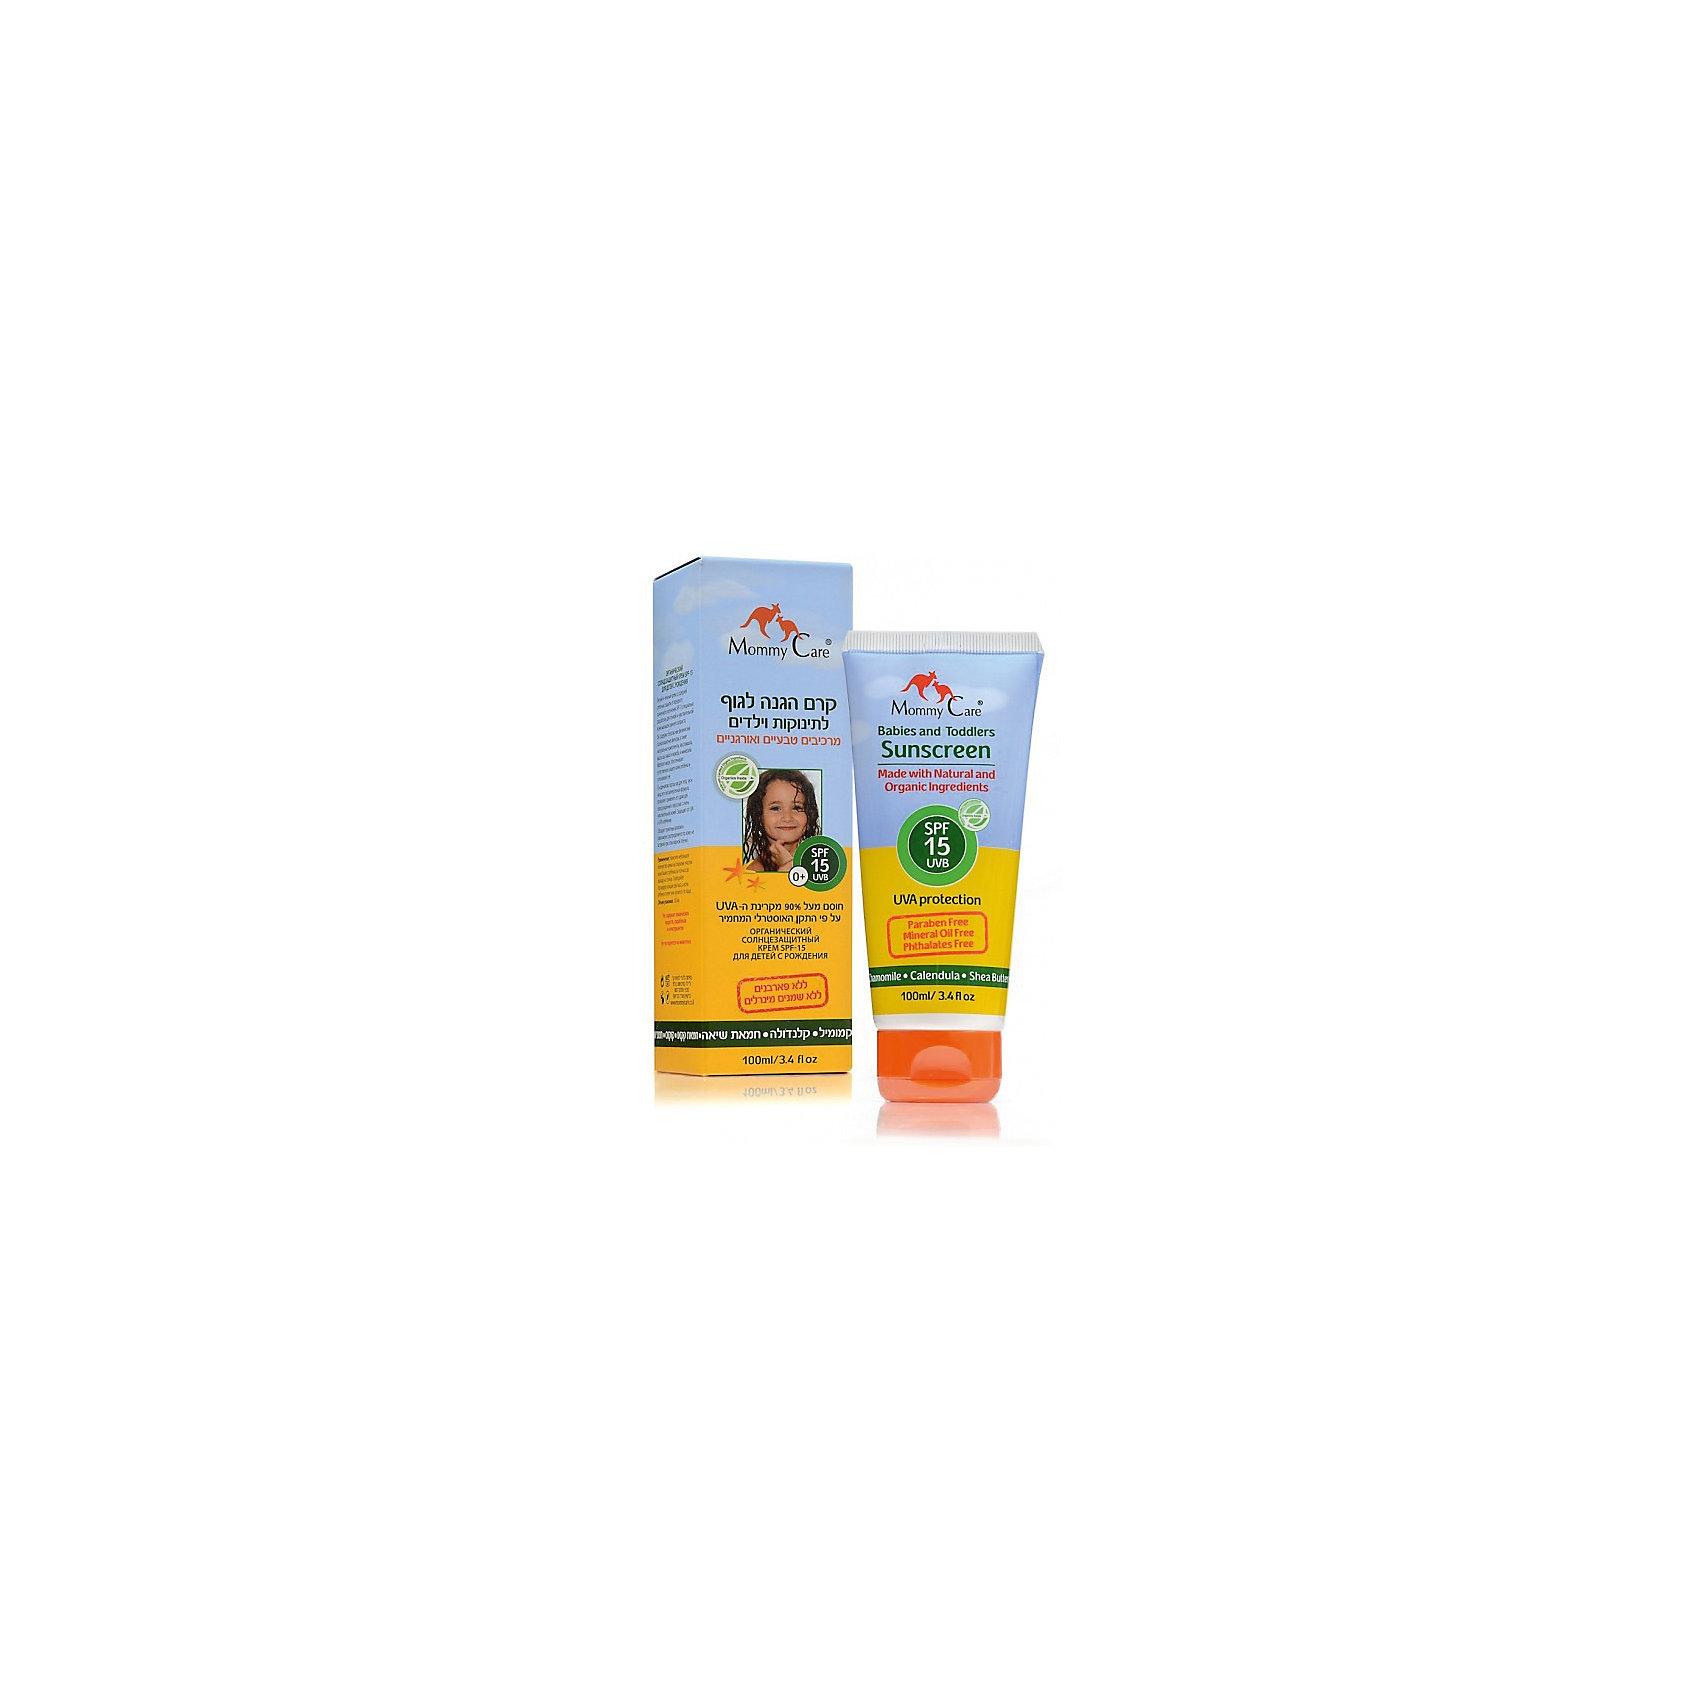 Органический солнцезащитный крем для тела SPF15, Mommy Care, 100 мл.